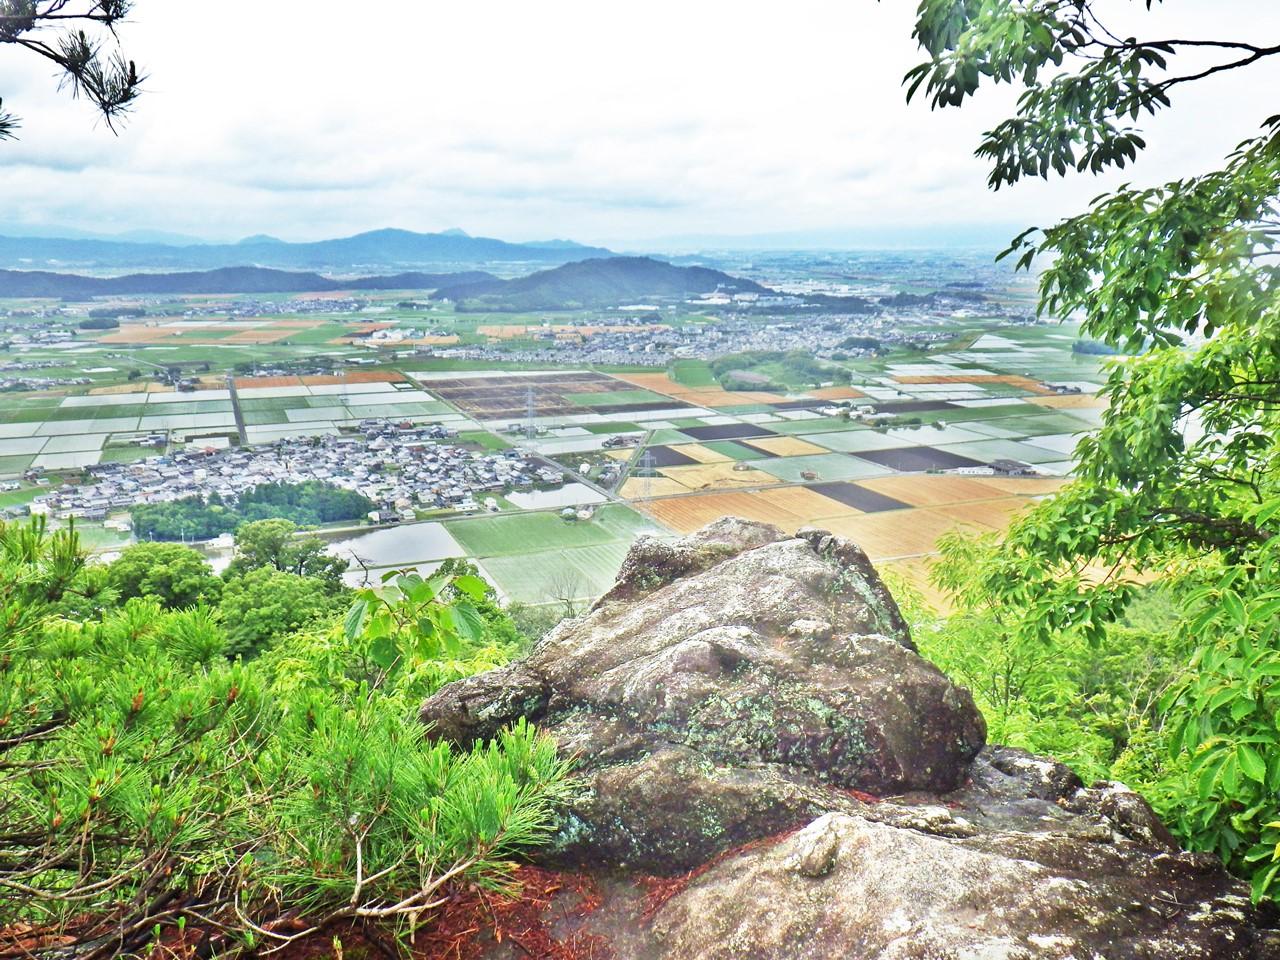 09b 巨岩の上からの眺め